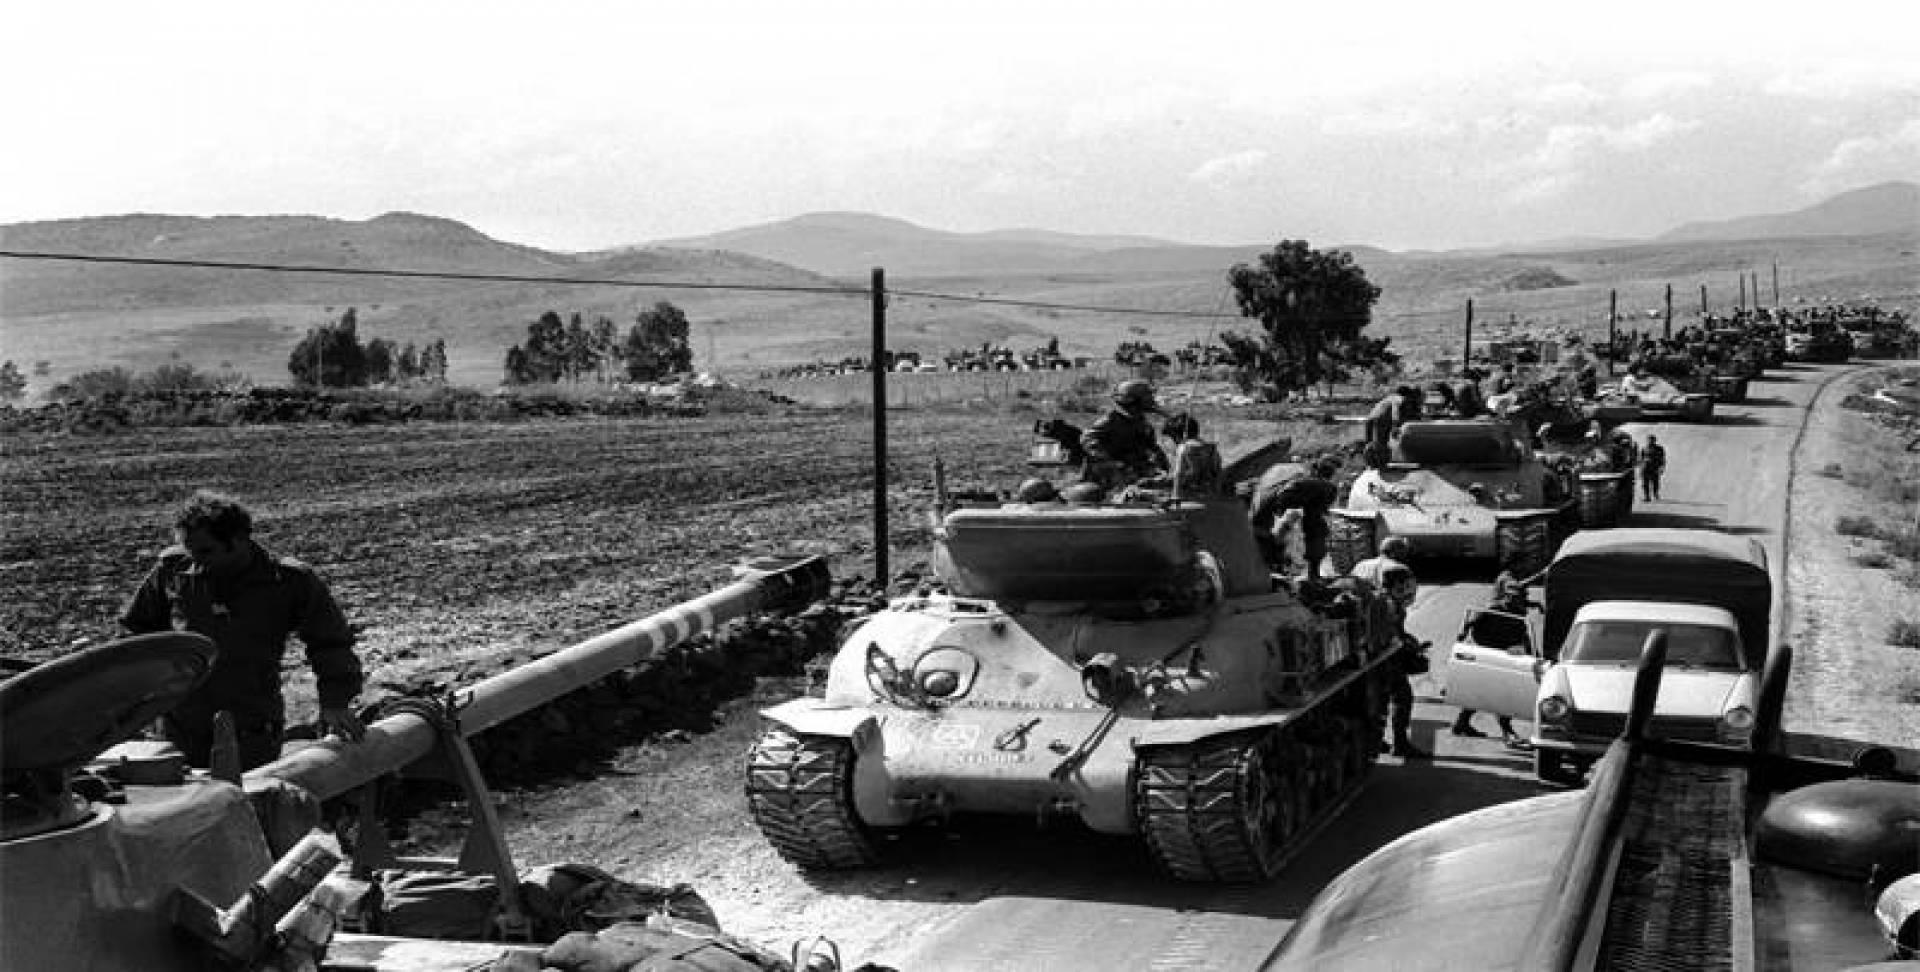 وحدة دبابات إسرائيلية لتشكيل هجوم مضاد ضد سوريا في حرب أكتوبر.. أرشيفية